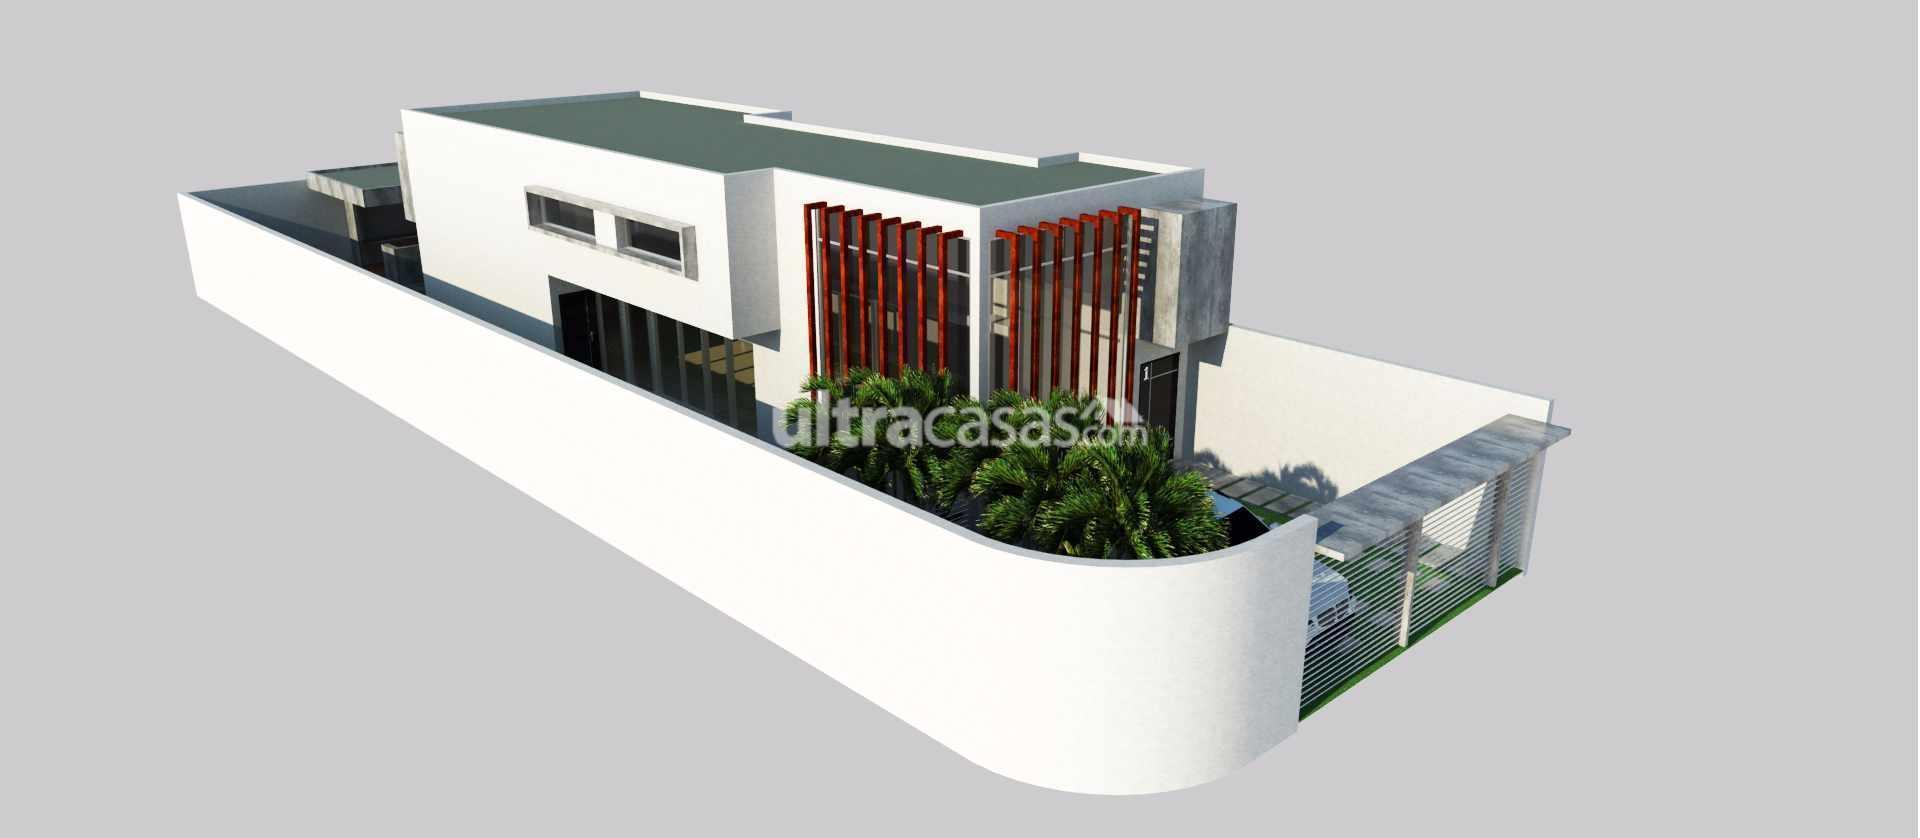 Casa en Venta Las Palmas, entre 3er y 4to anillo (1 cuadra de la Av. Piraí y a 4 cuadras del 4to Anillo) Foto 1